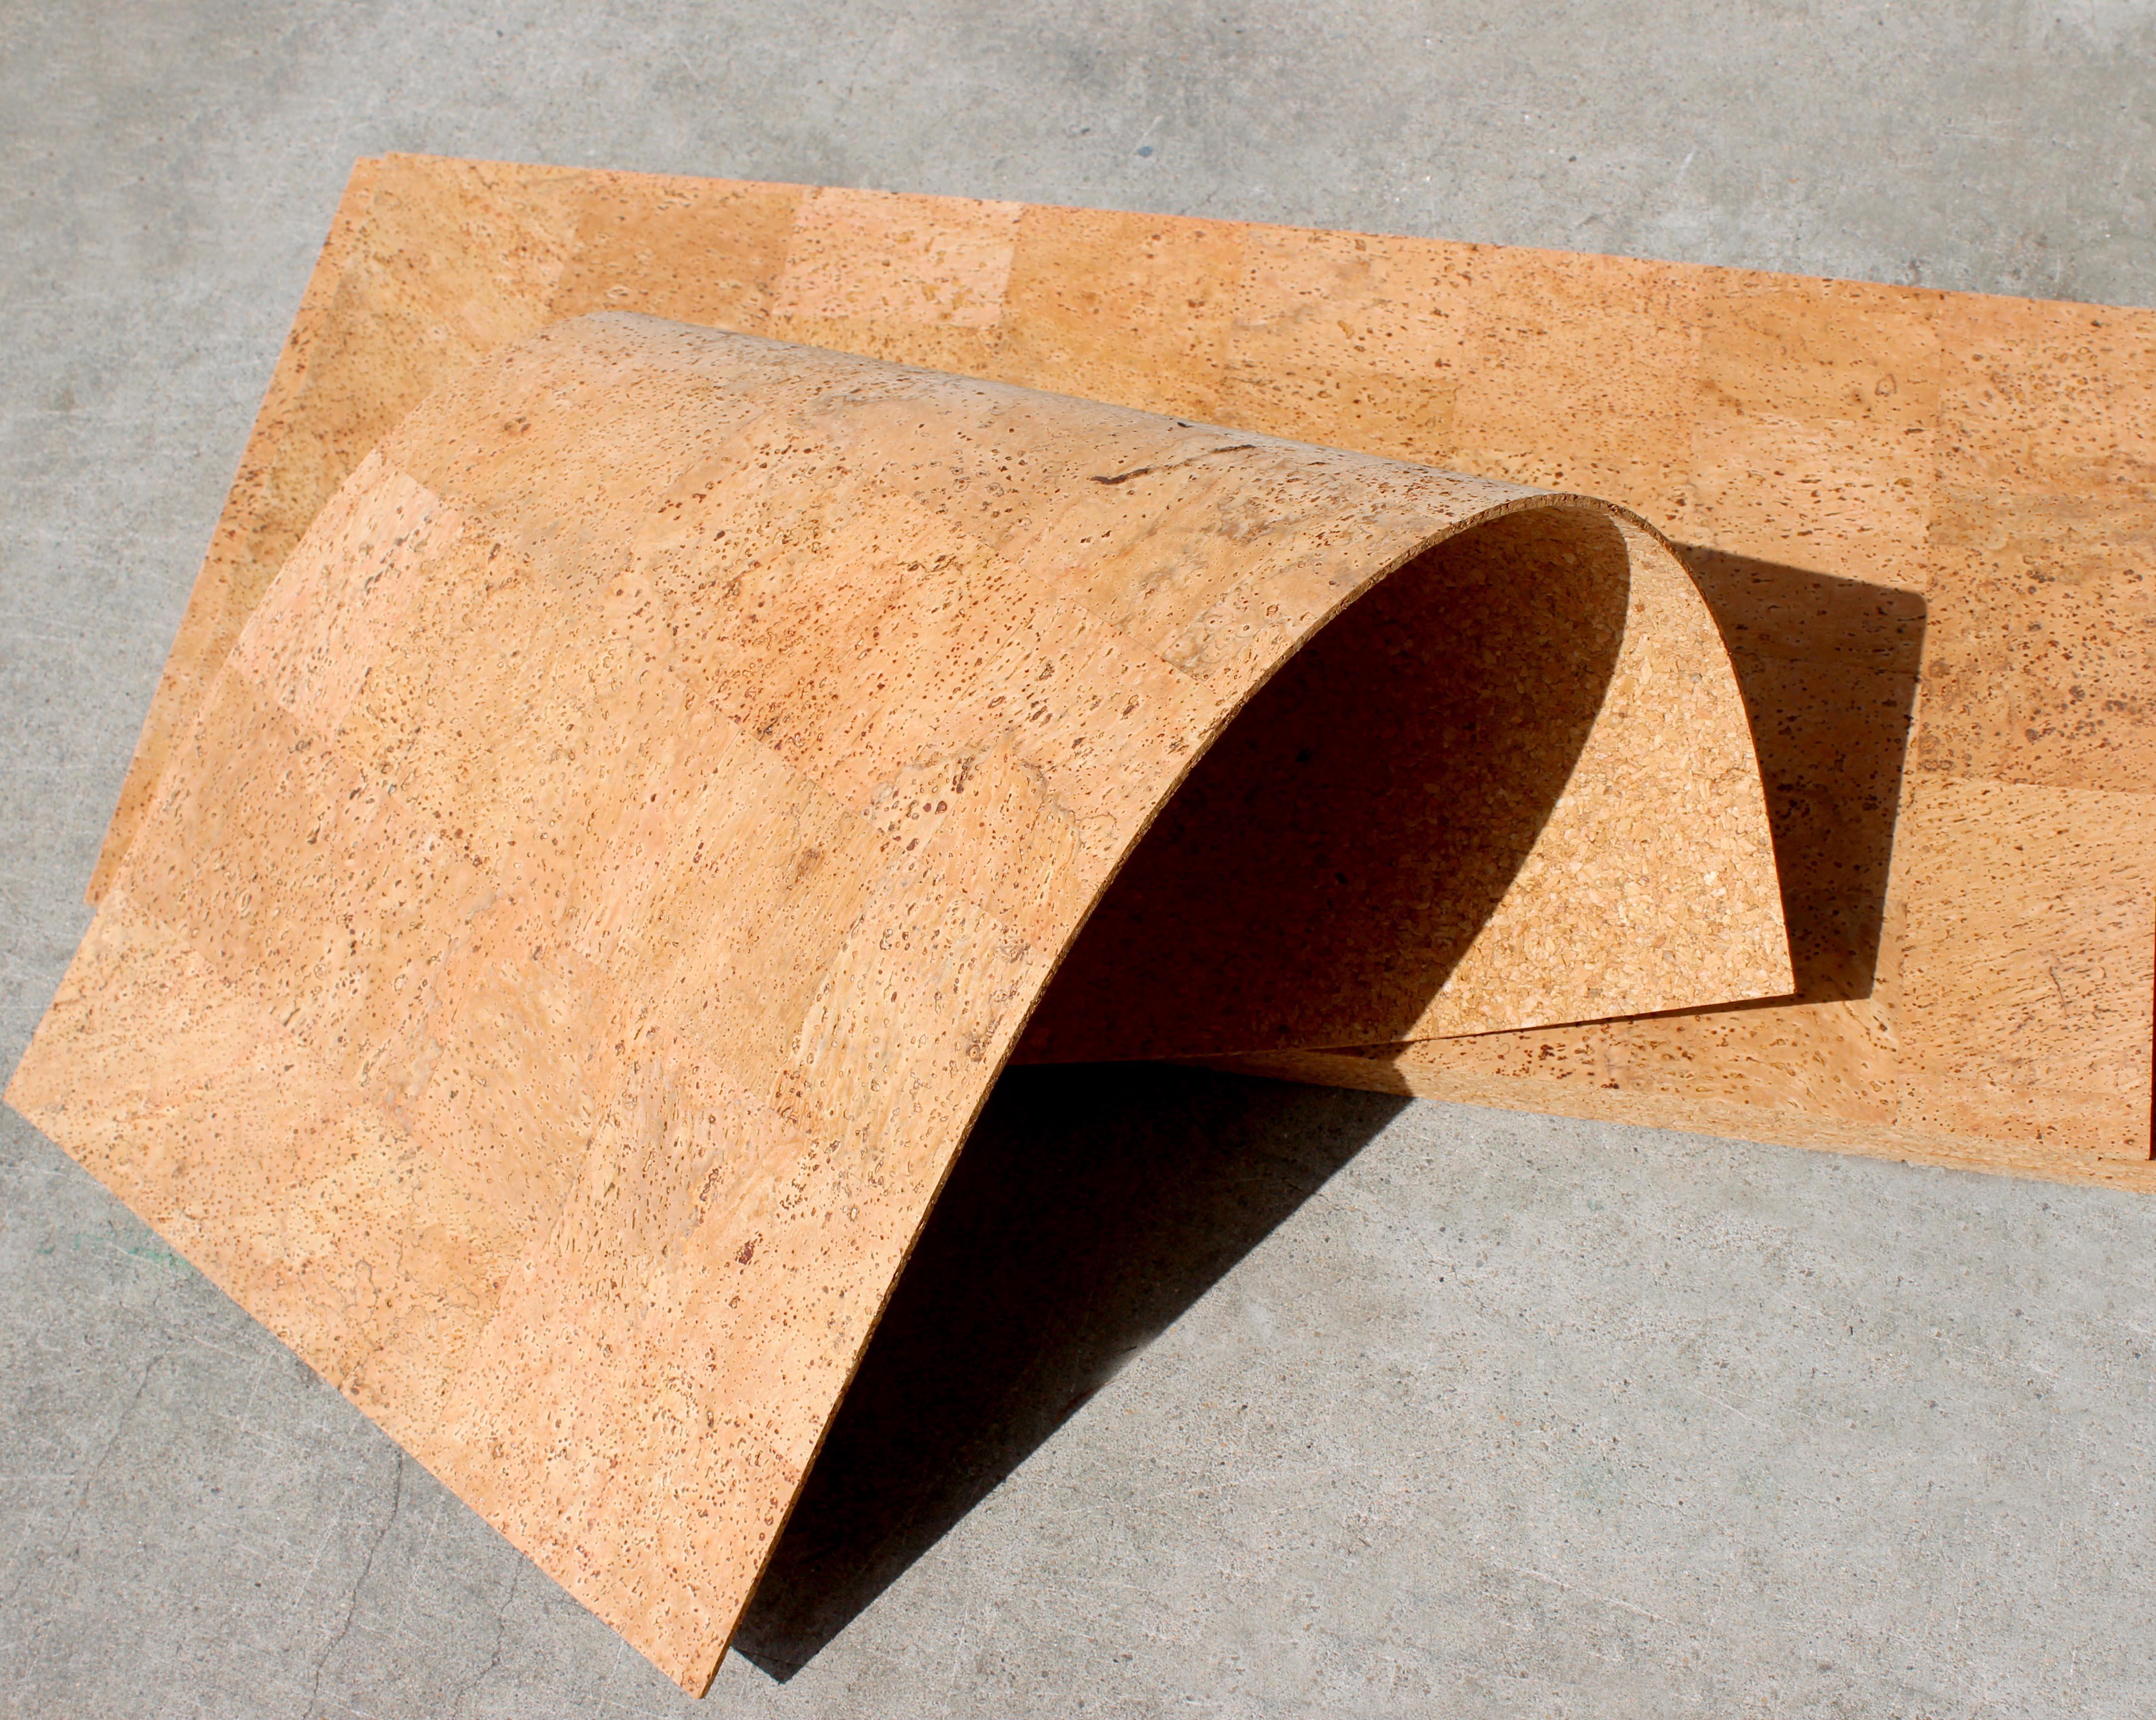 輸入コルク壁紙テレビの背景の背景コルク掲示板メッセージボードコルクボード壁タイルパターン Tile Surface Tile Cutting Boardtile Particle Board Aliexpress